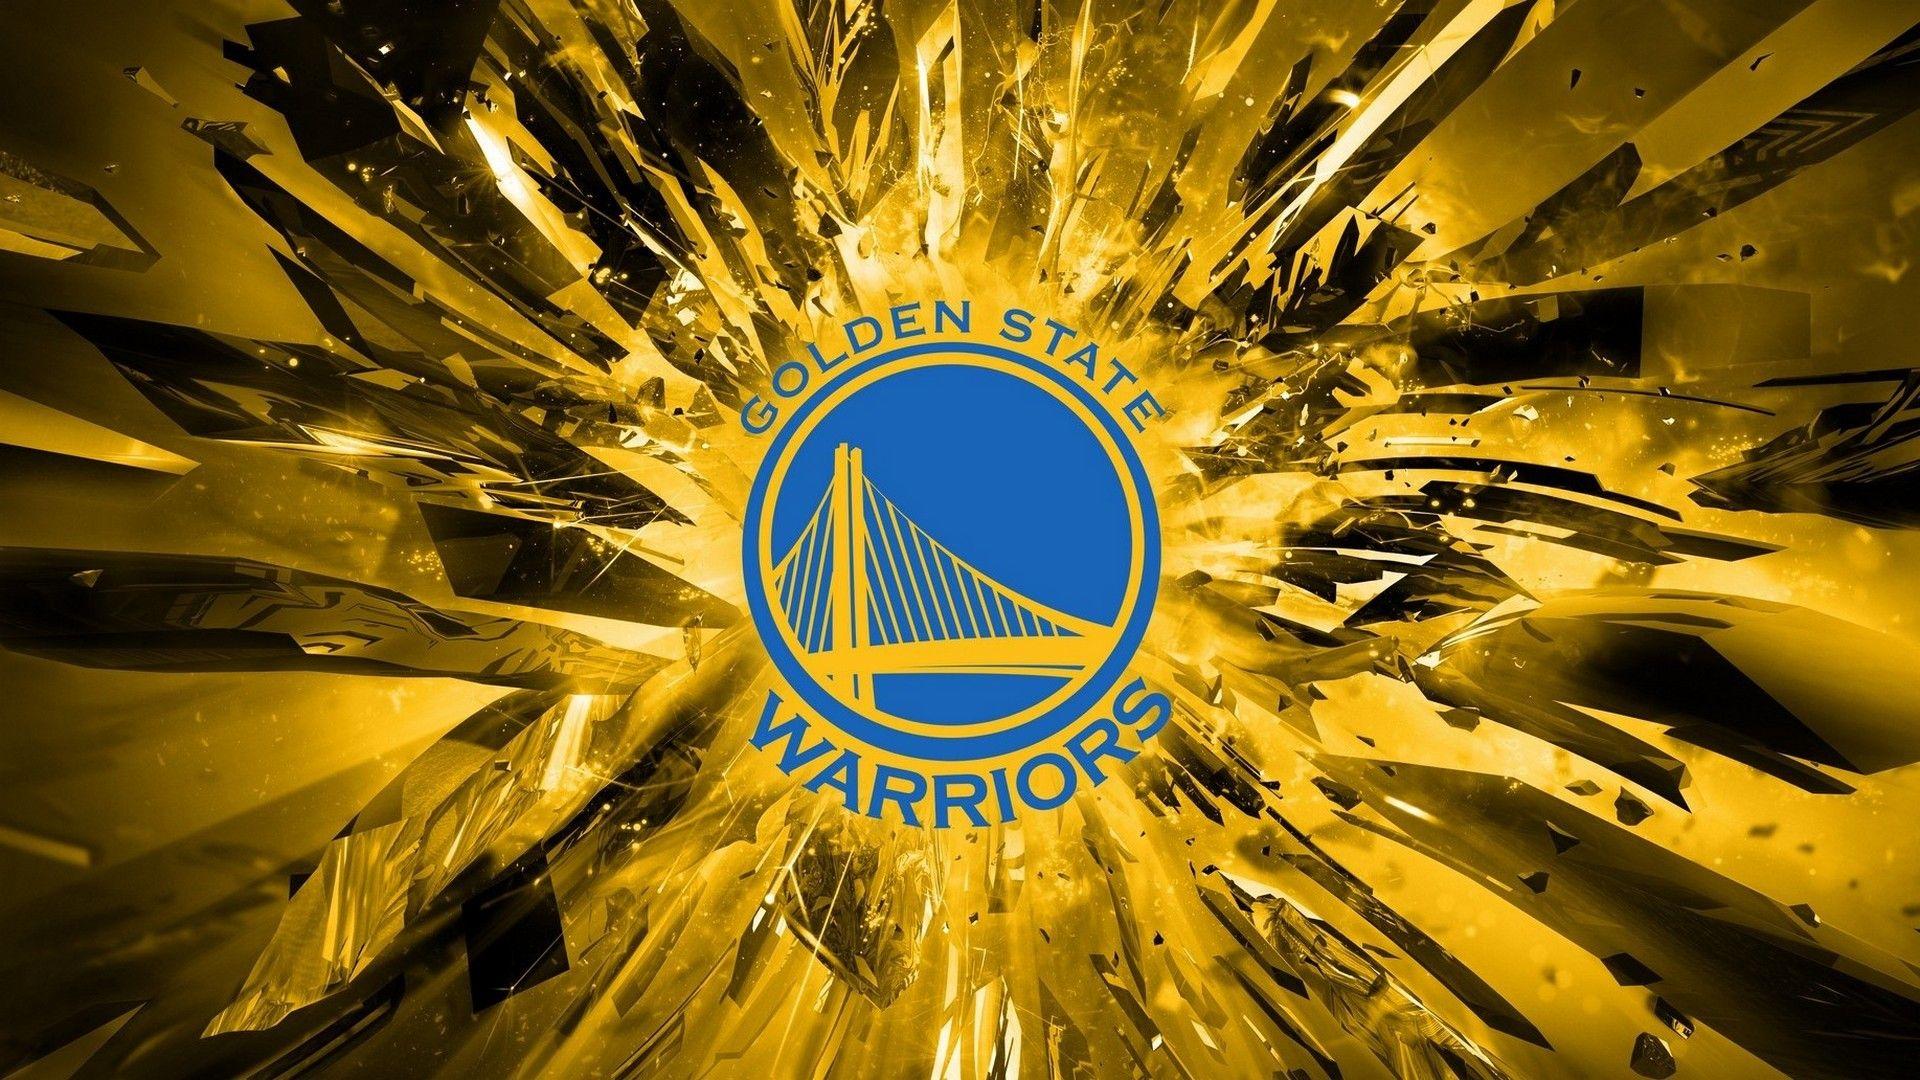 Basketball Wallpaper Best Basketball Wallpapers 2020 Golden State Warriors Wallpaper Golden State Warriors Logo Golden State Warriors